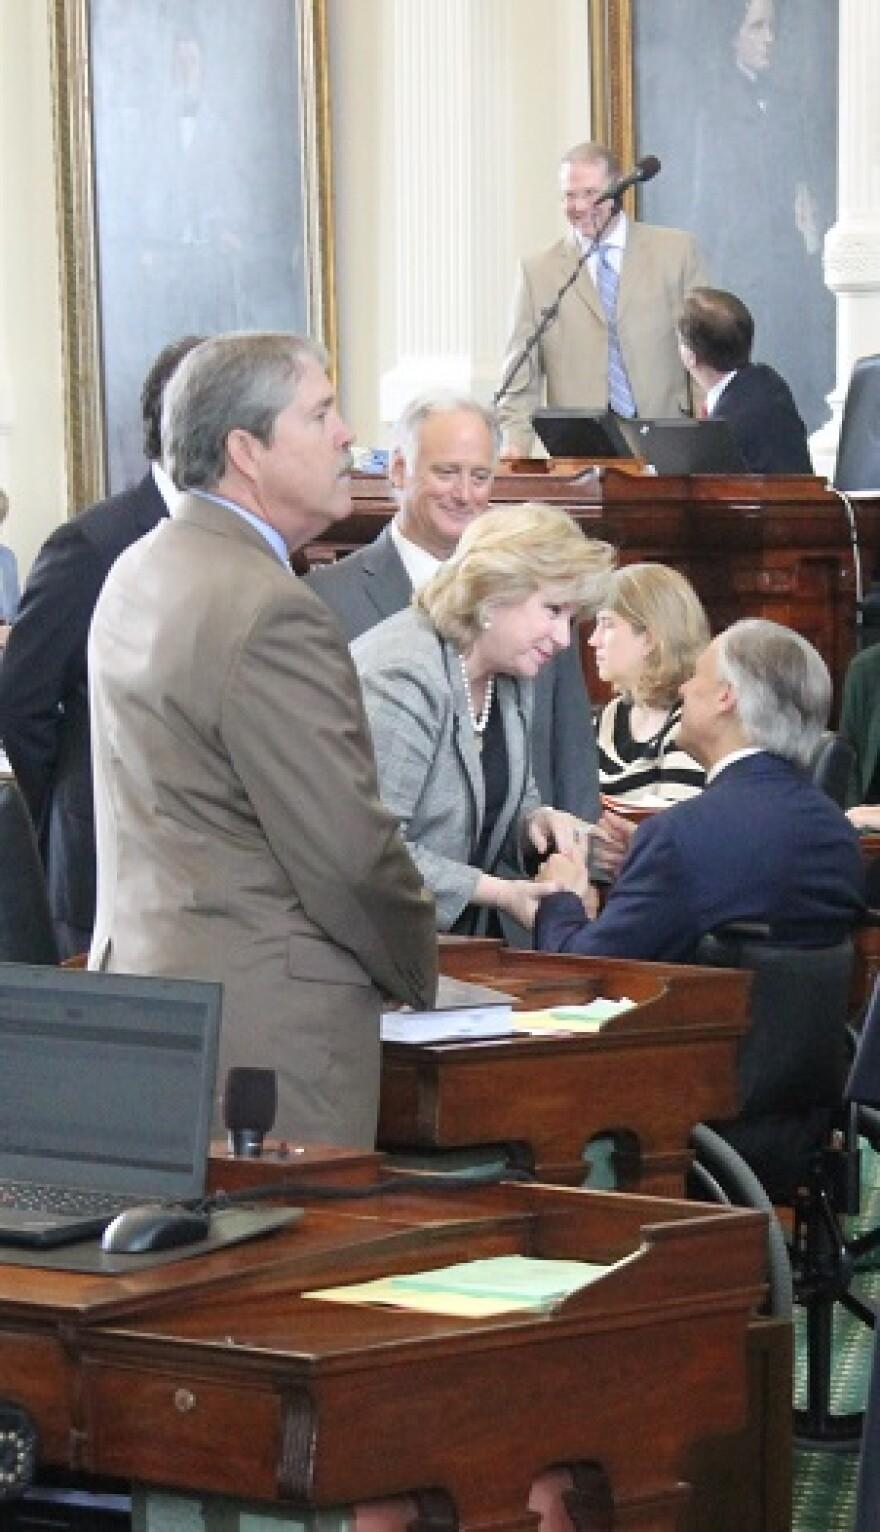 051515_abbott_in_the_senate.jpg